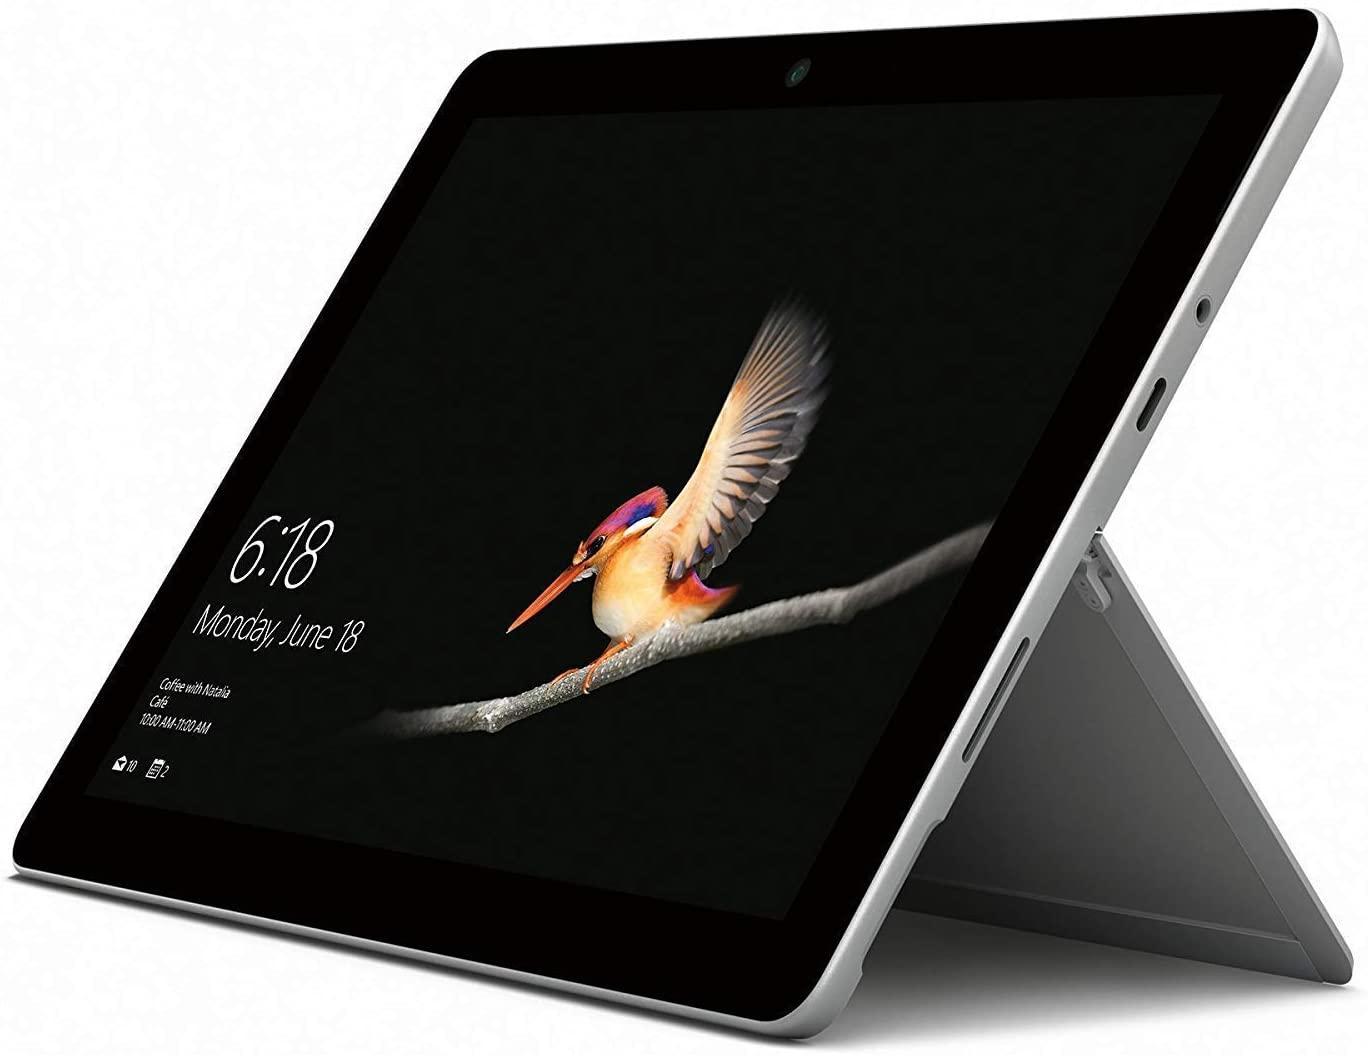 Windowsのタブレットおすすめ8選【2020年版】